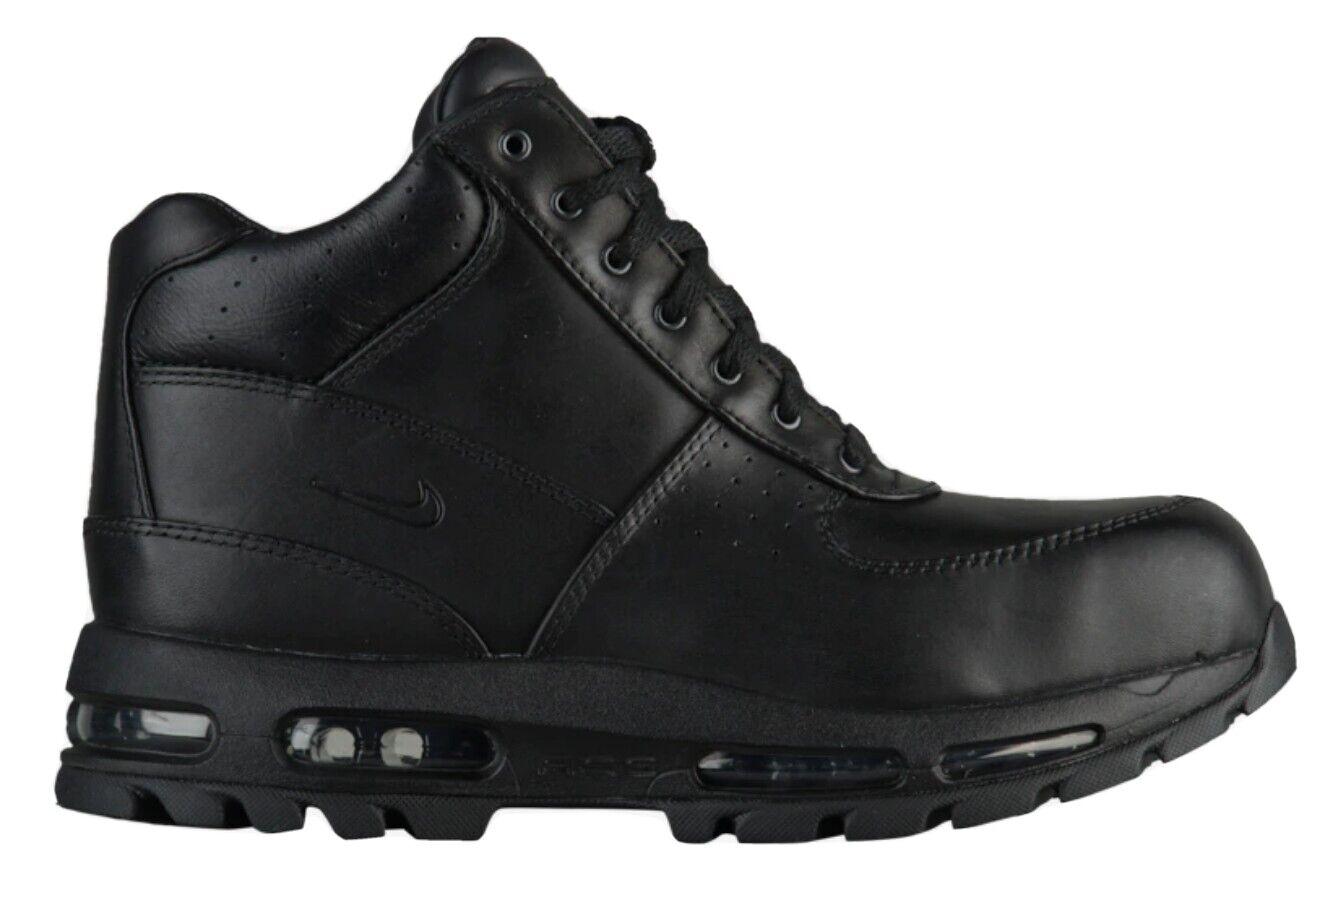 Nike Air Max Goadome 2013 ACG Black